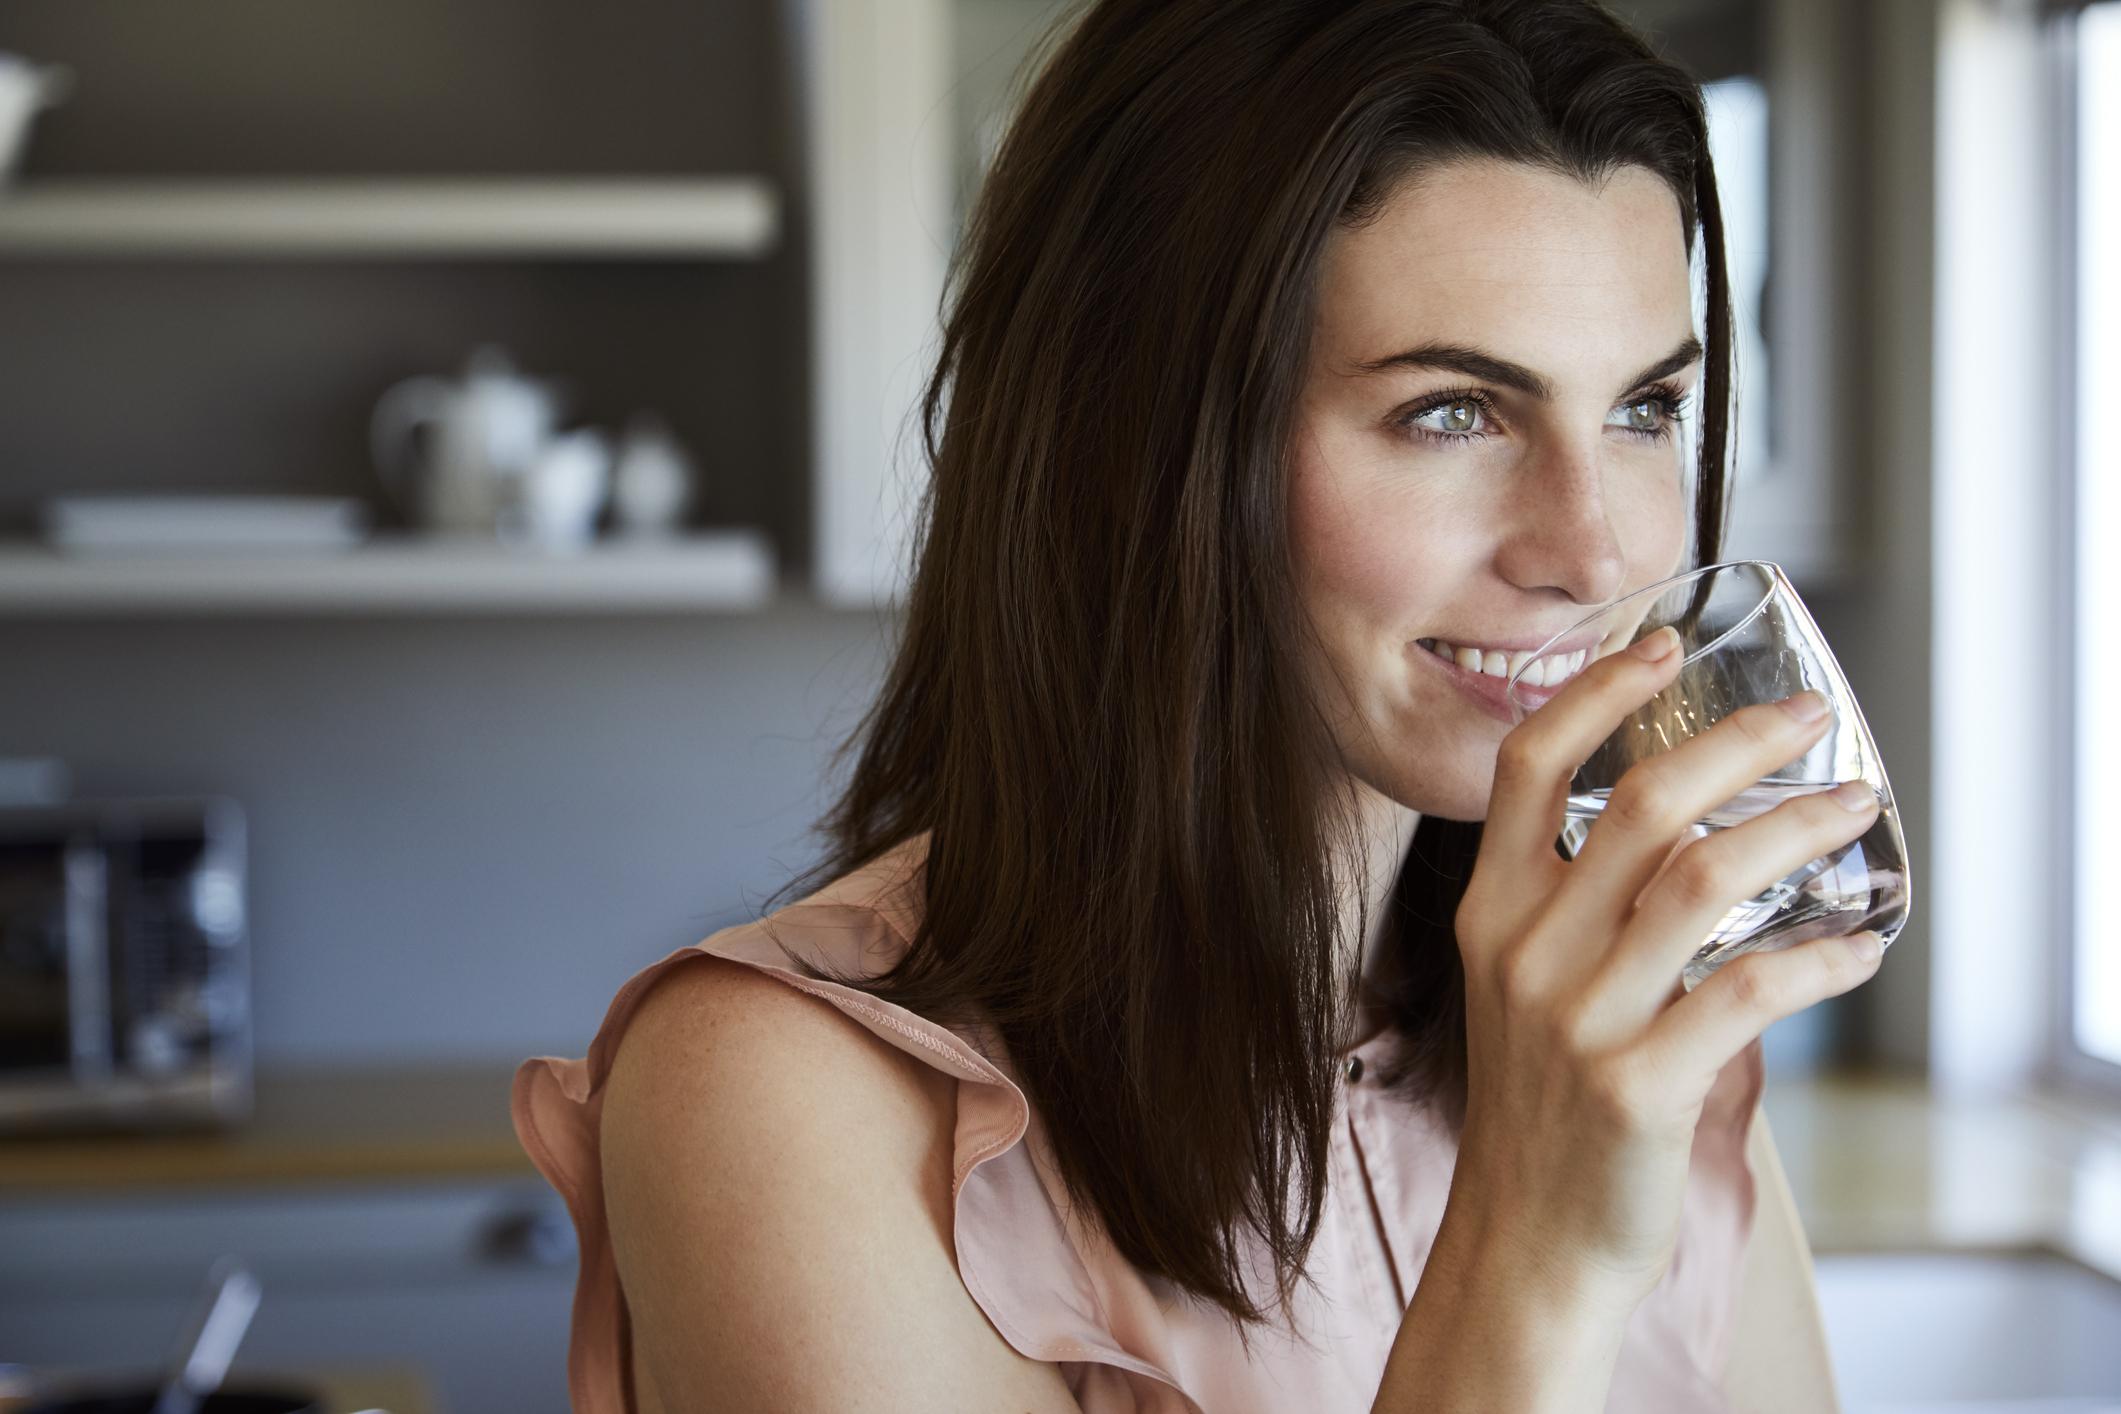 Сърцето работи по-добре: Четири чаши вода на ден намаляват риска от сърдечна атака с цели 41%.